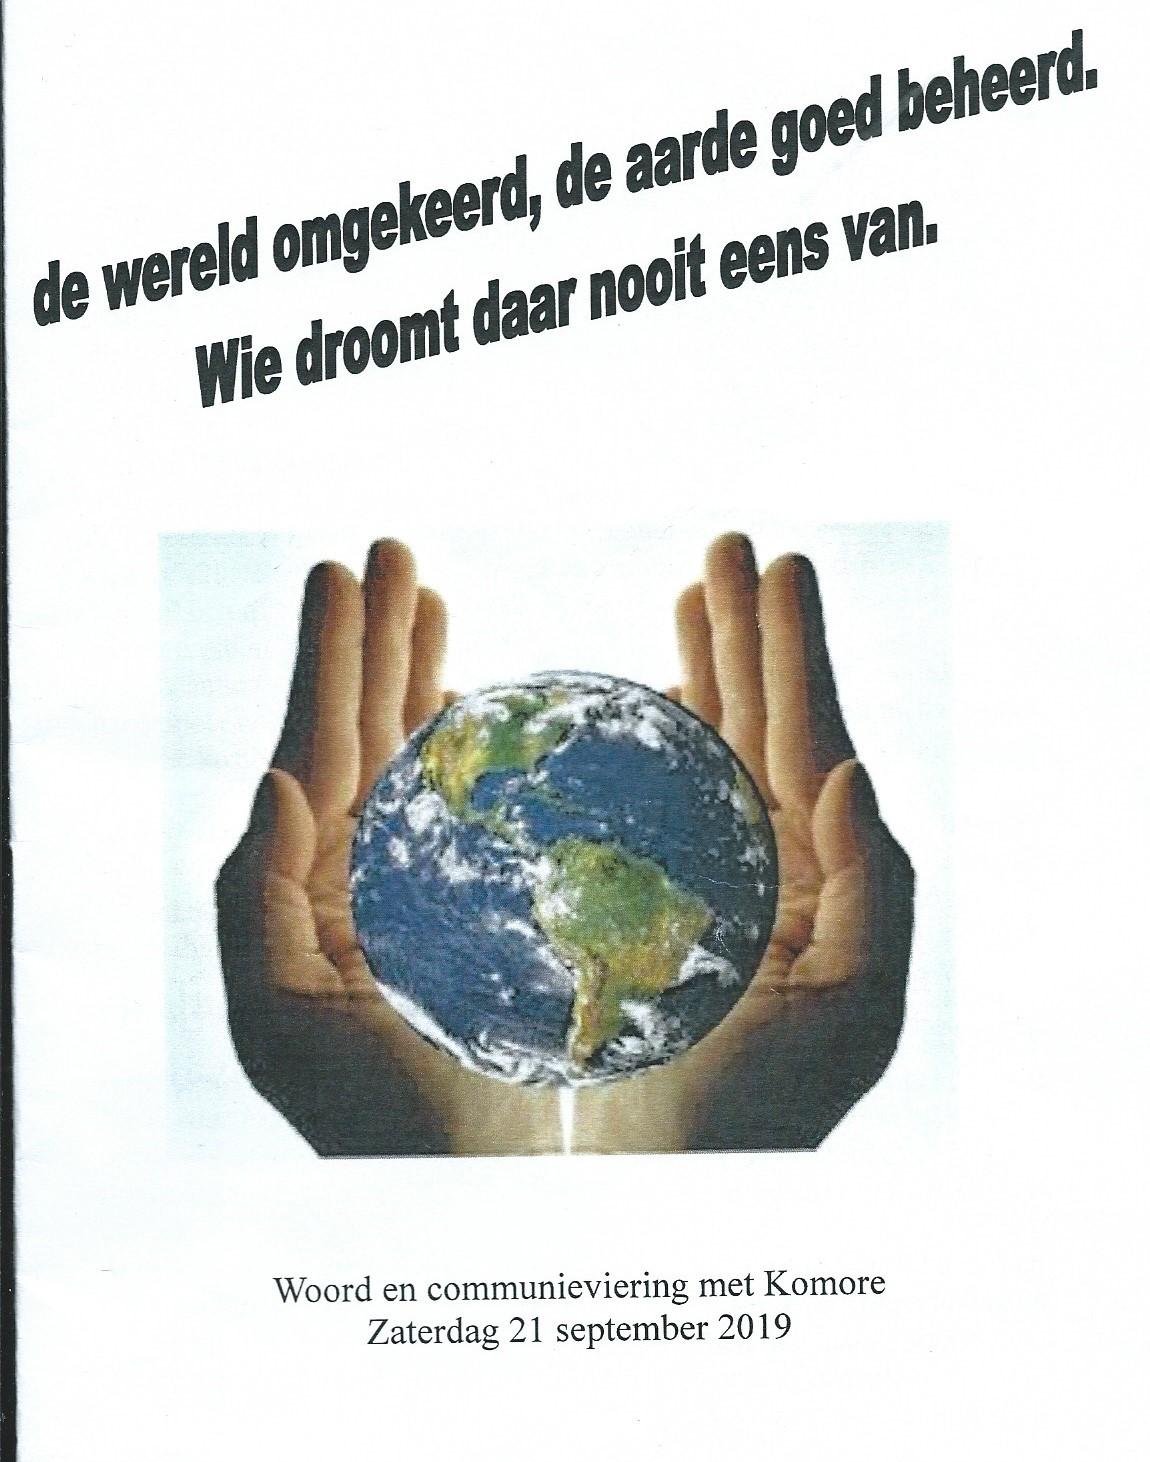 WoCo – De wereld omgekeerd, de aarde goed beheerd. Wie droomt daar nooit eens van.